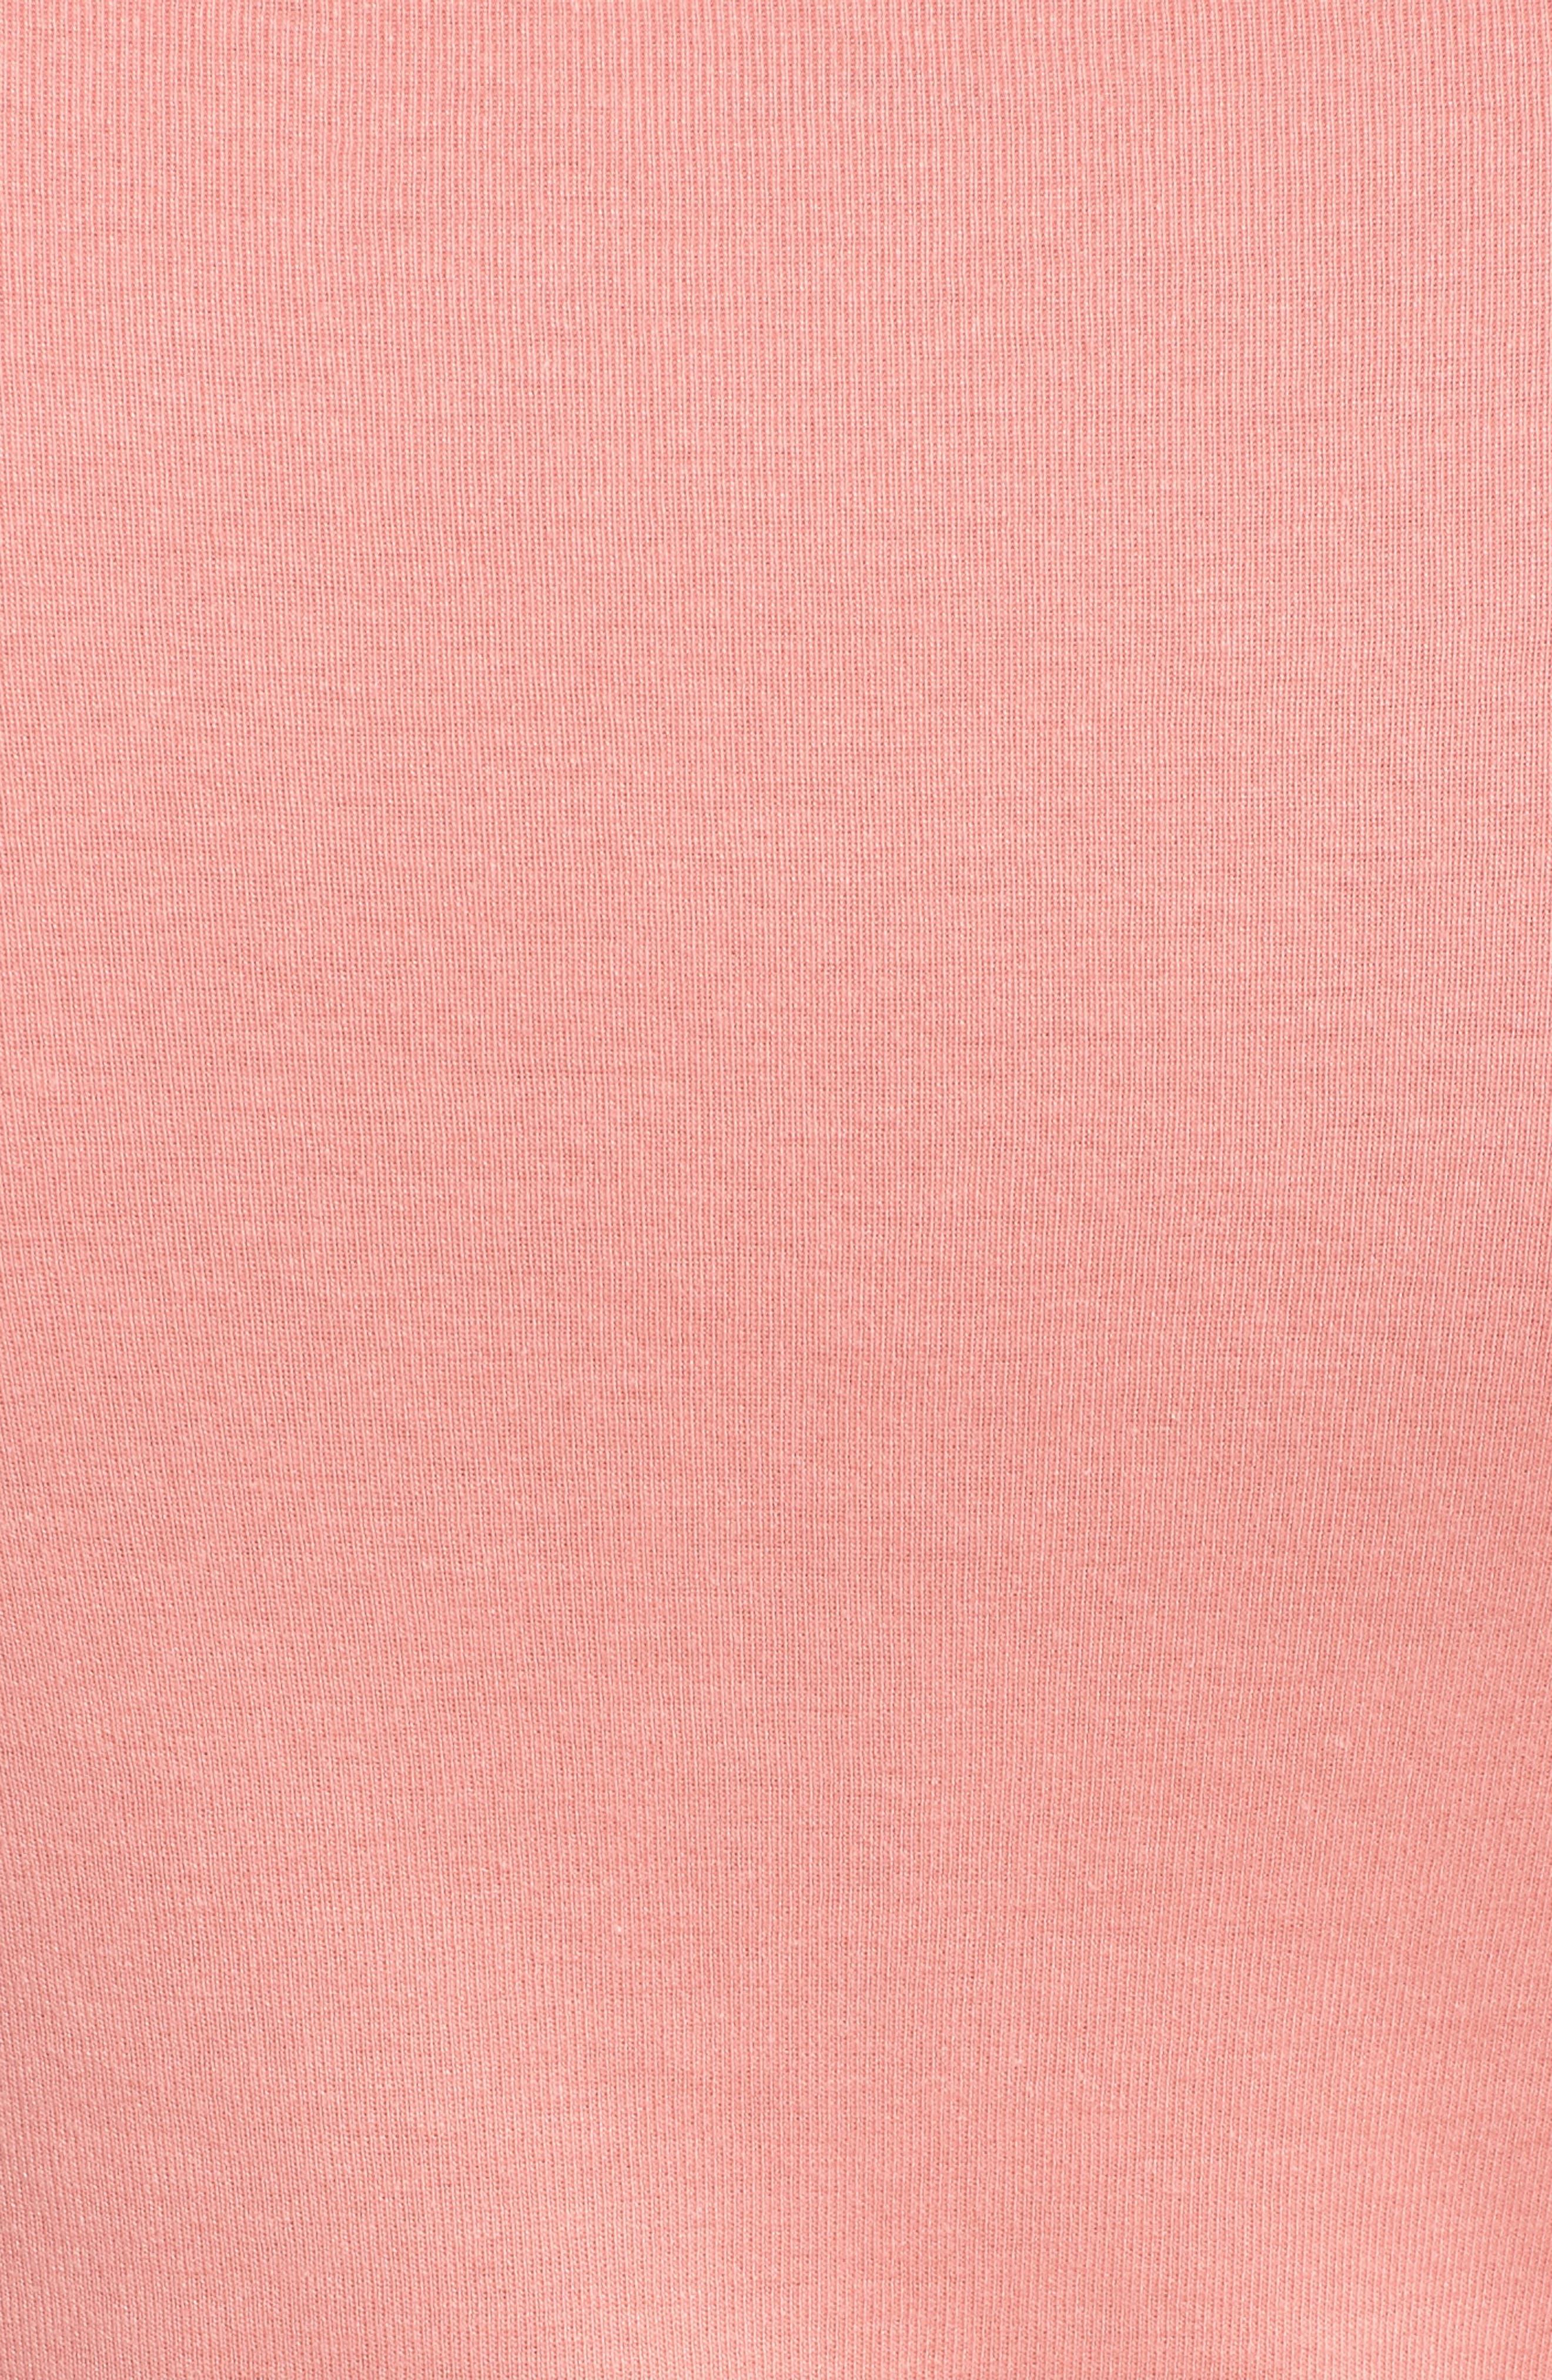 Three Quarter Sleeve Tee,                             Alternate thumbnail 108, color,